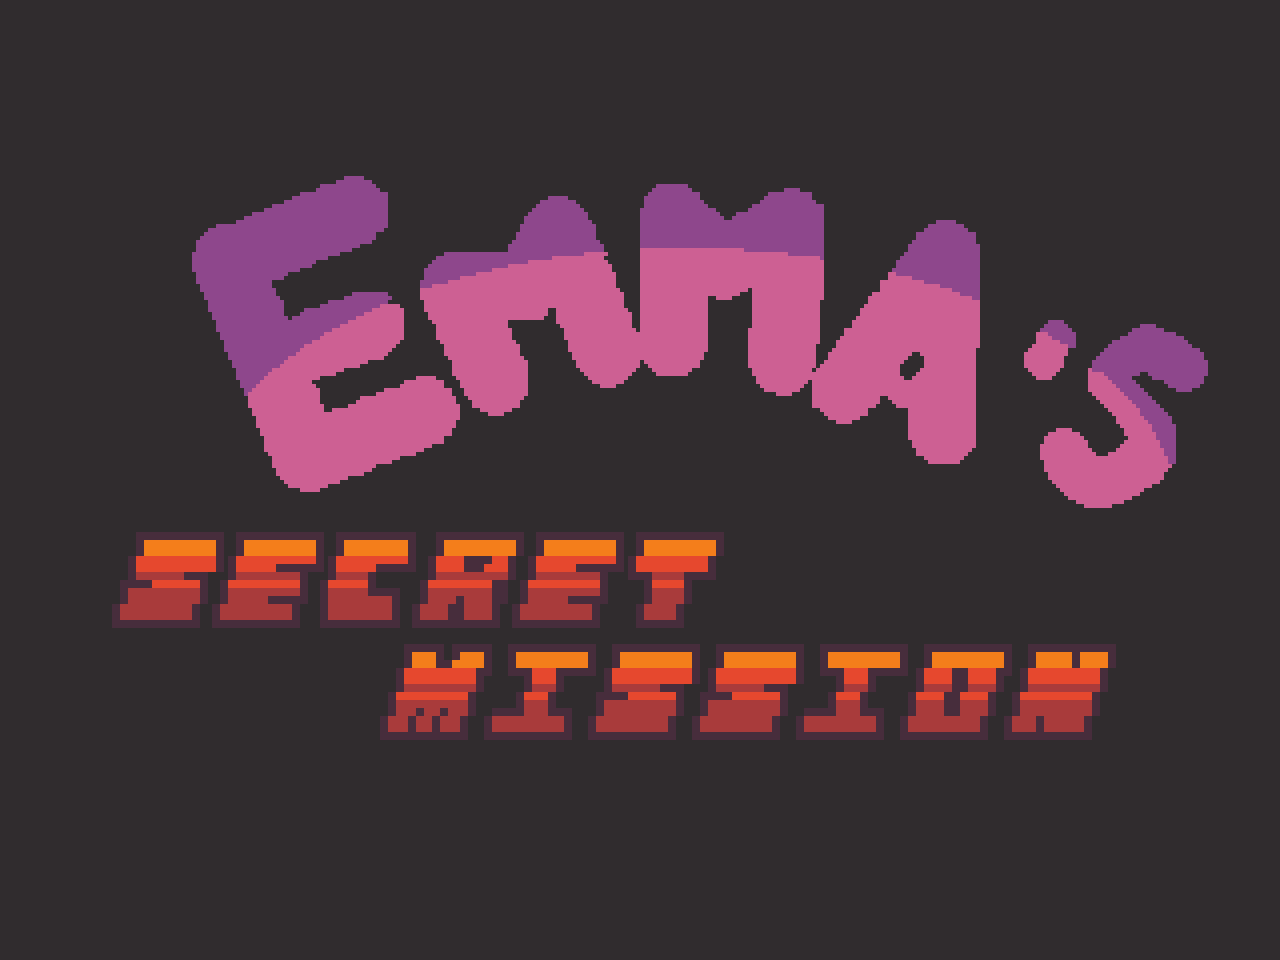 Emma's Secret Mission